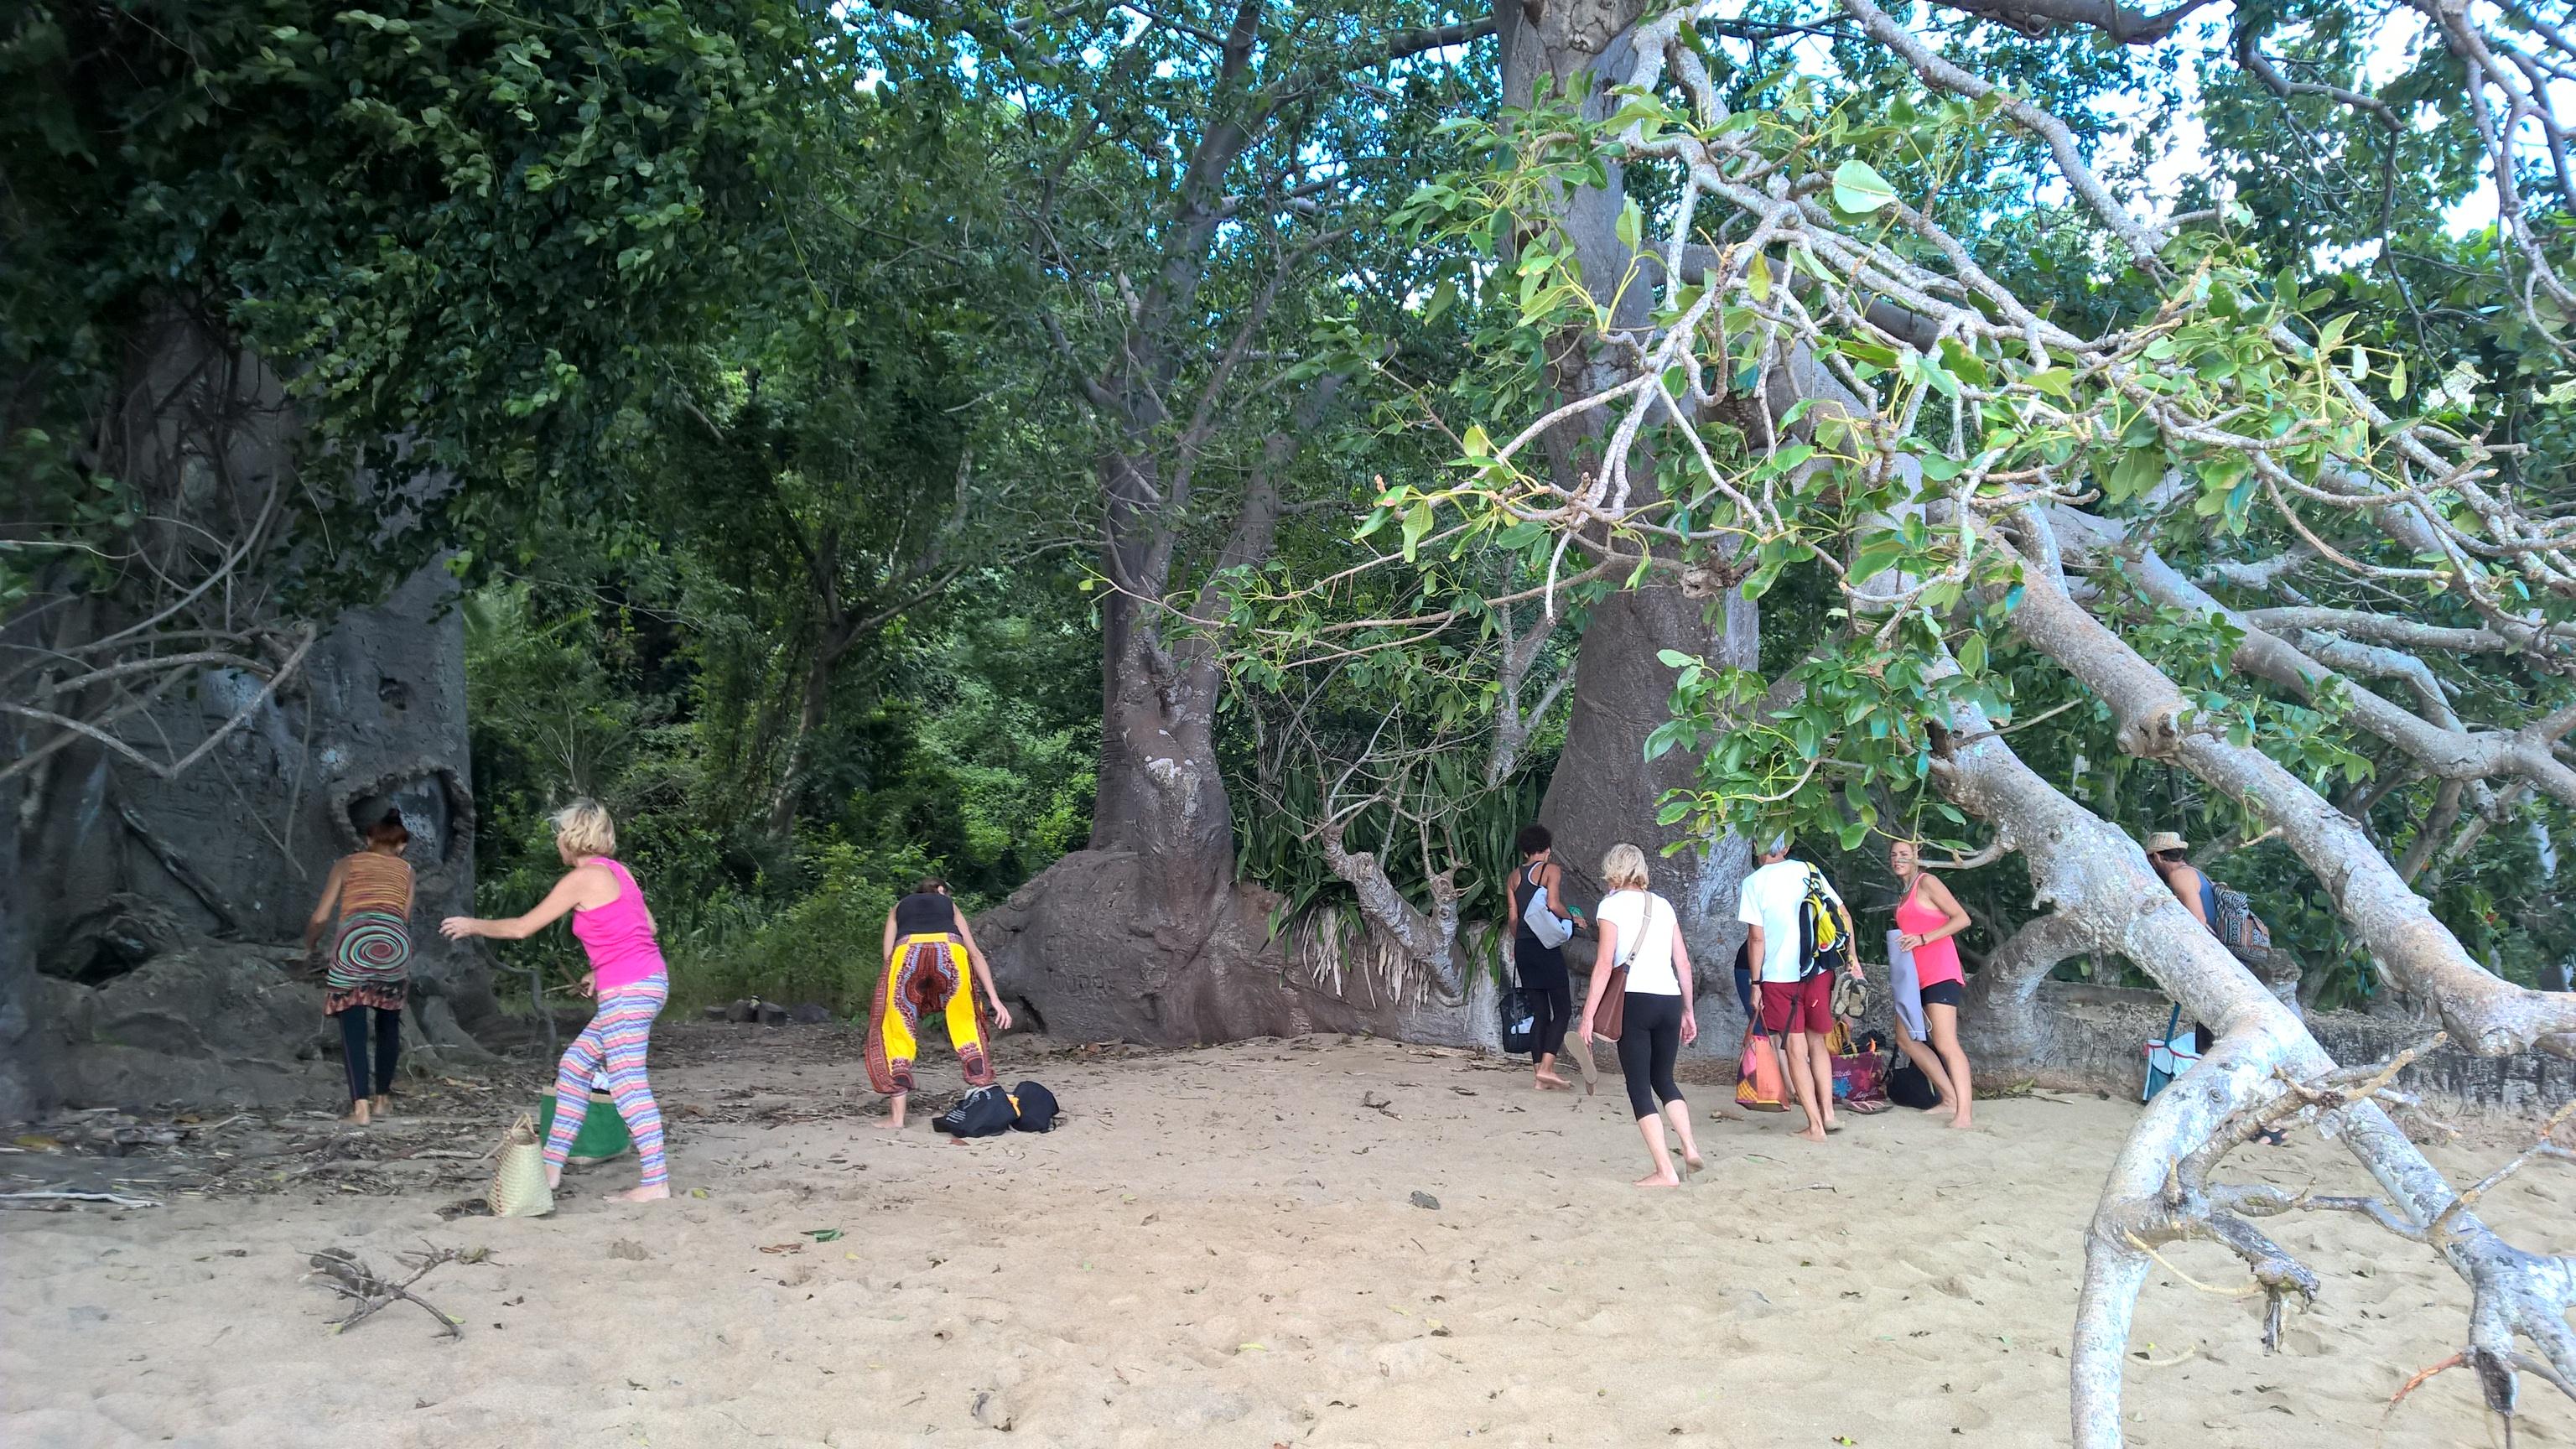 Mayotte_Tsararano_Plage_4_05_2017